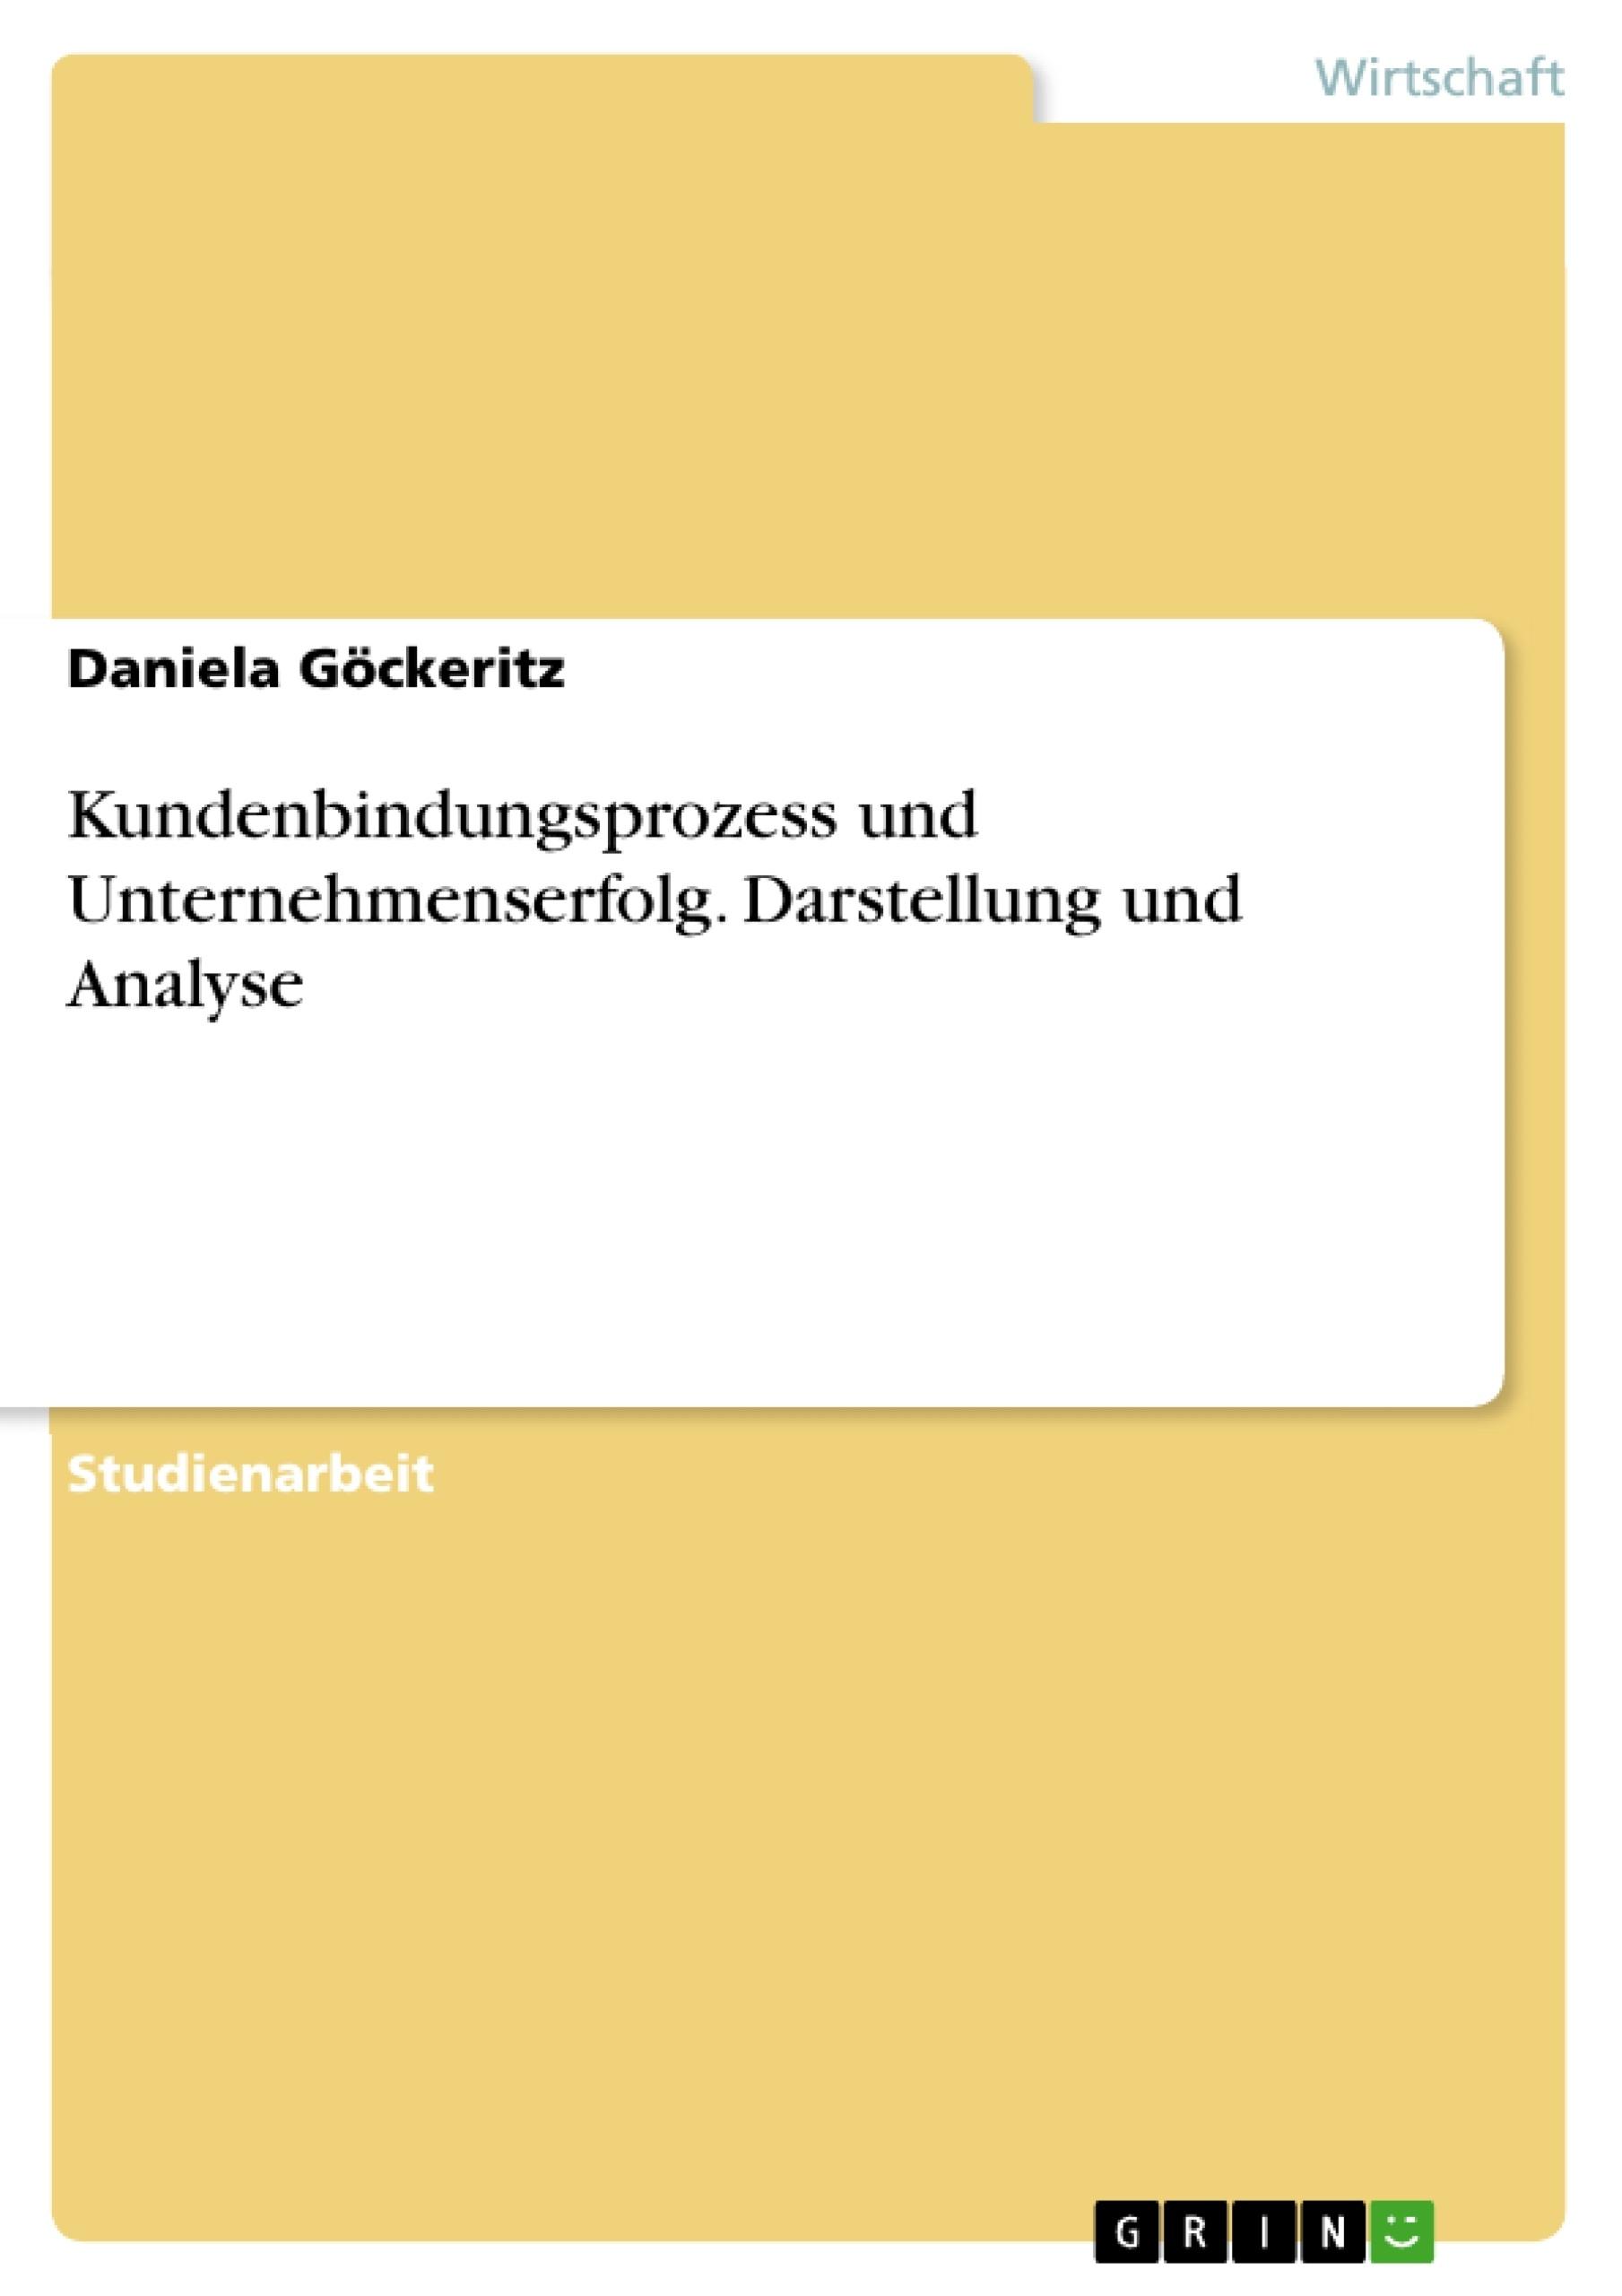 Titel: Kundenbindungsprozess und Unternehmenserfolg. Darstellung und Analyse